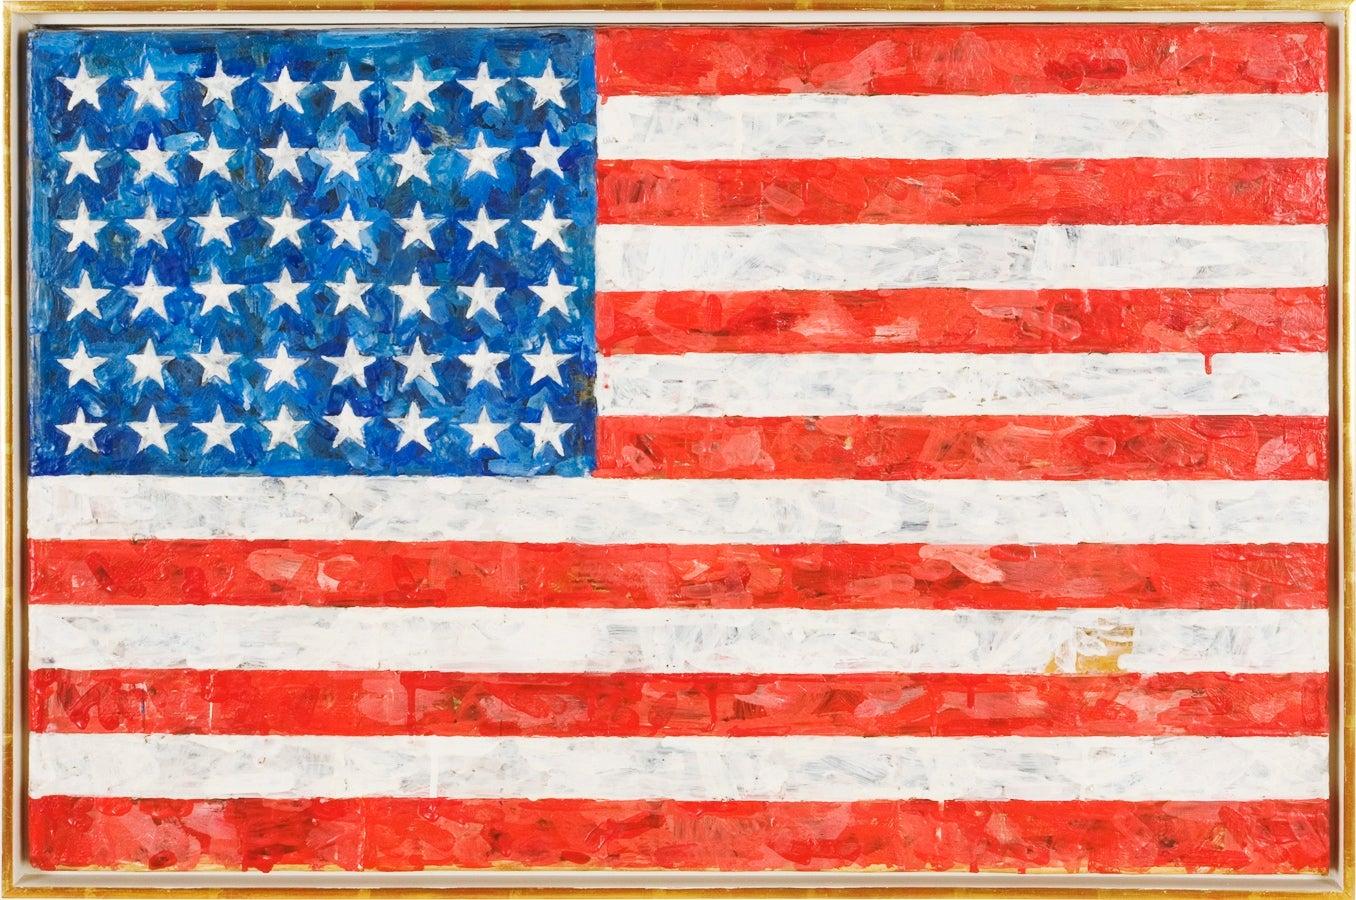 Jasper Johns's Flag (1954-1955) at the Museum of Modern Art, New York